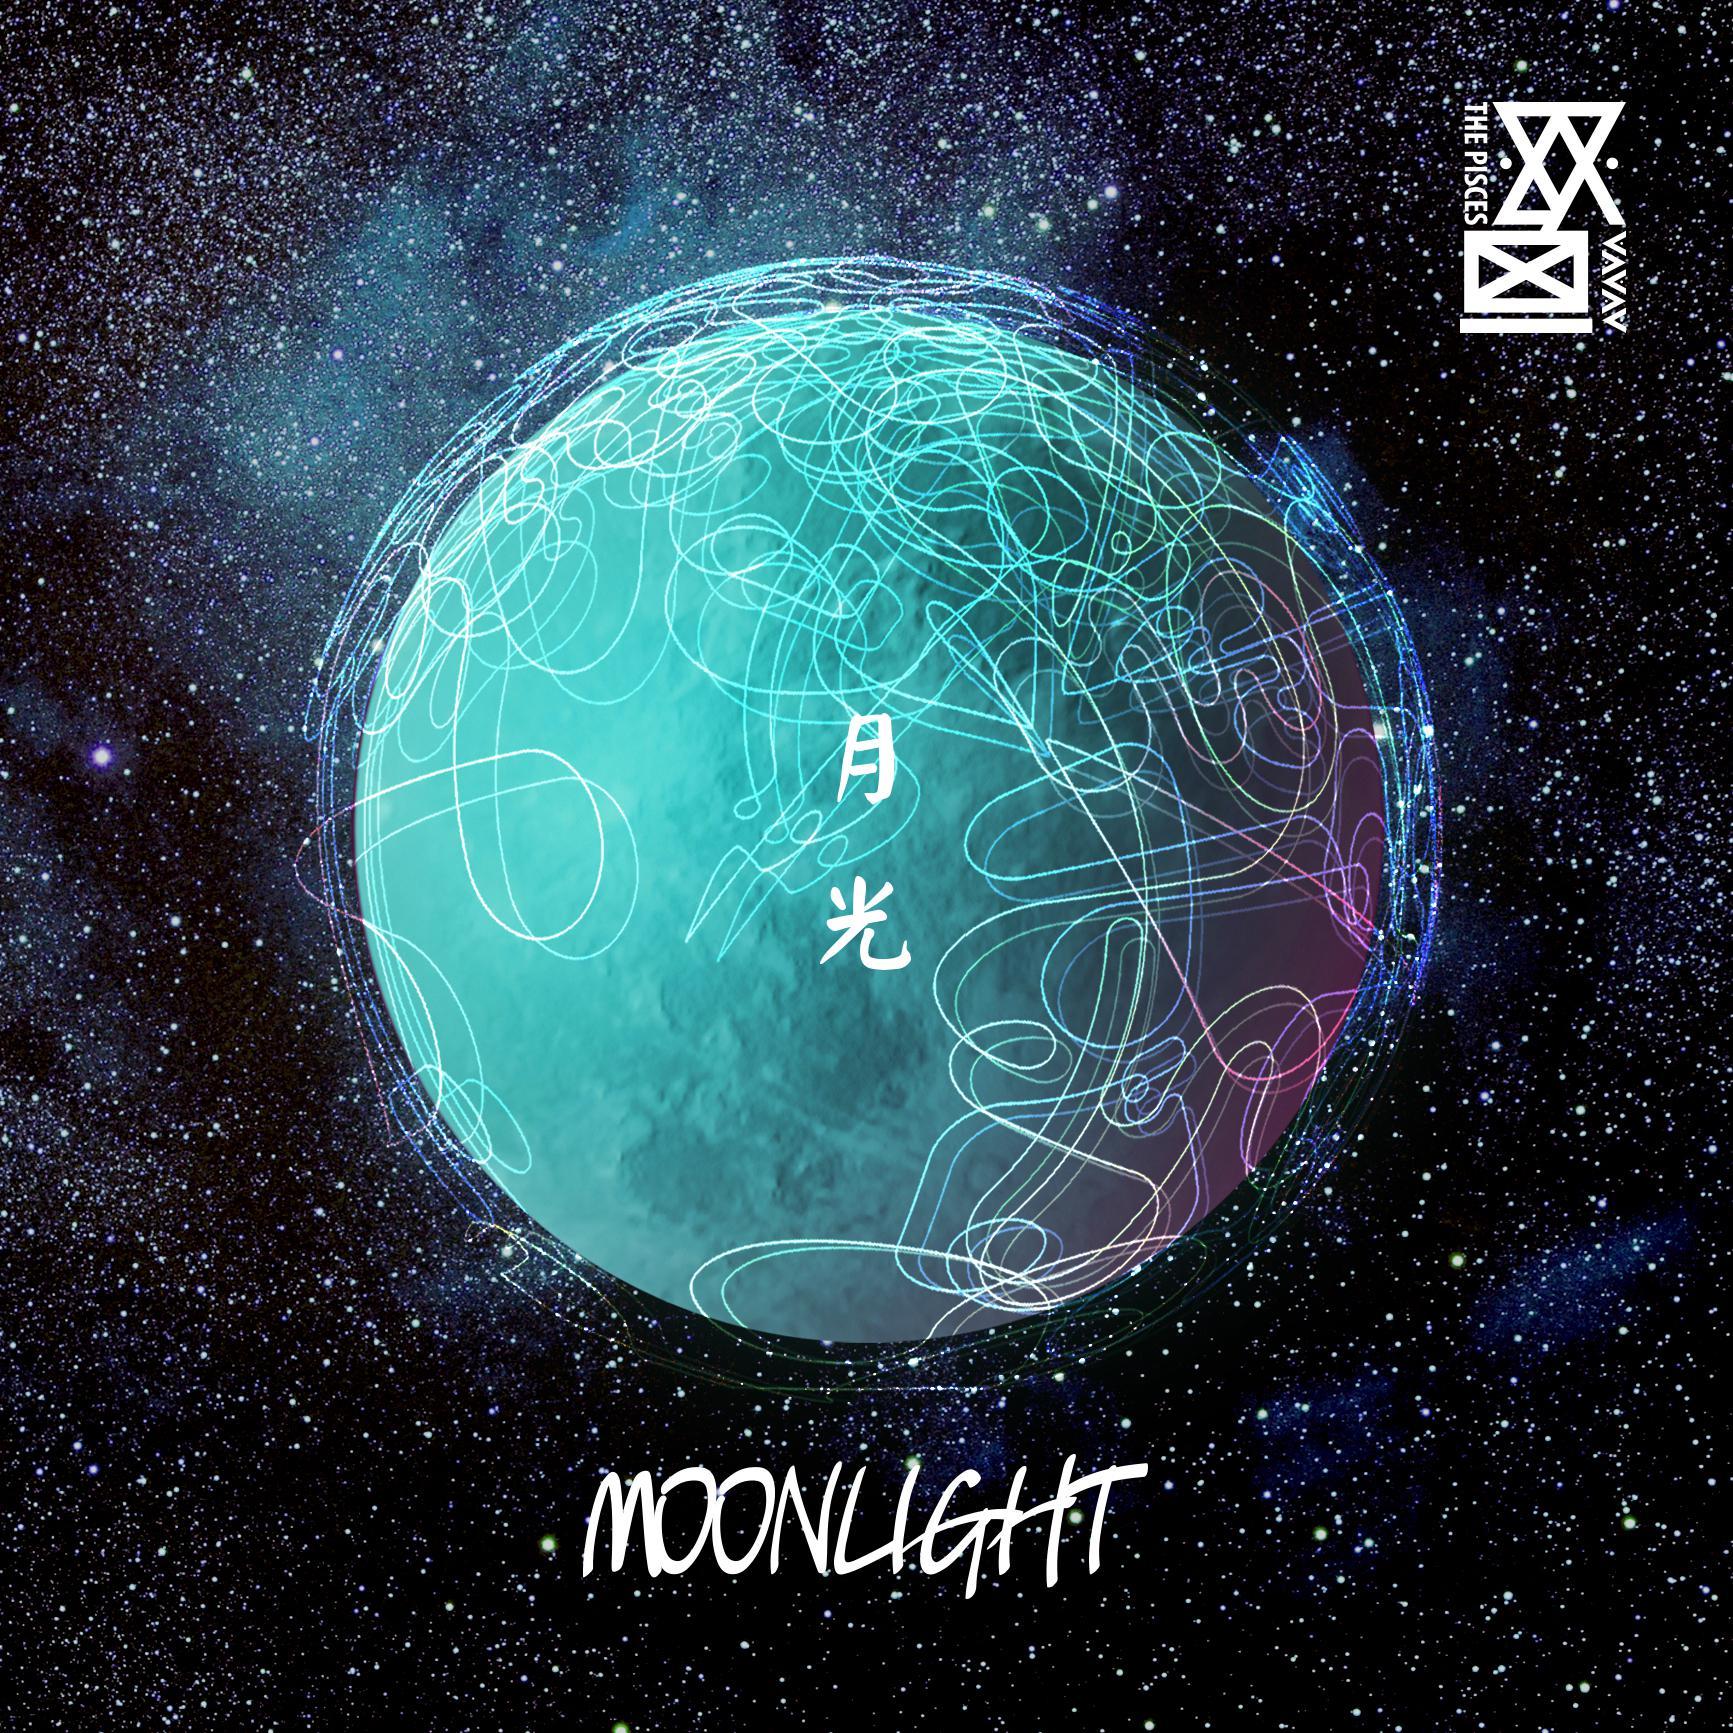 月光- 乐团双鱼座 - 网易云音乐图片